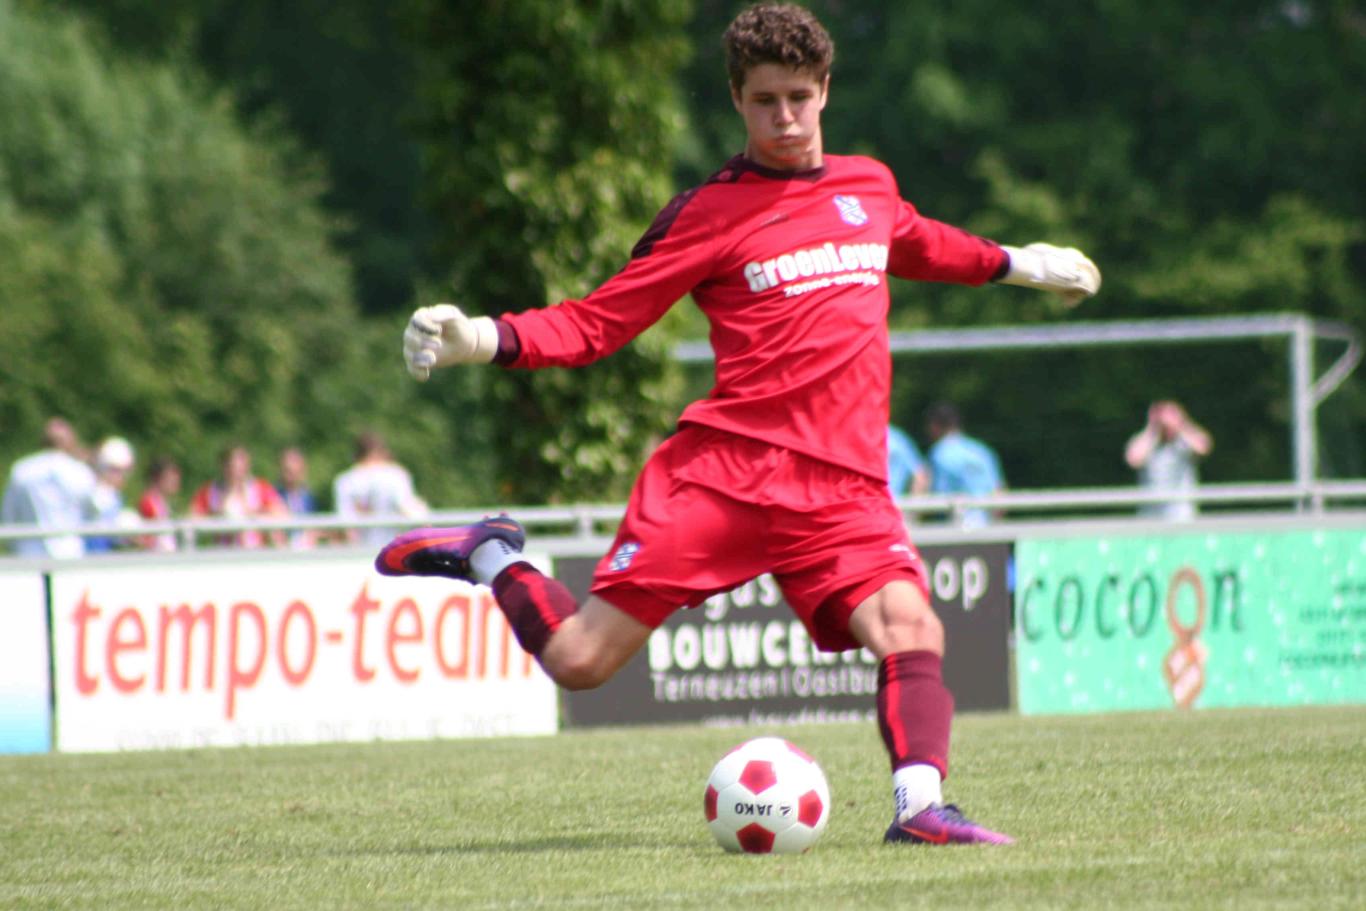 Ruben Stuiver SC Heerenveen U19 KingsTalent University of San Francisco men's soccer